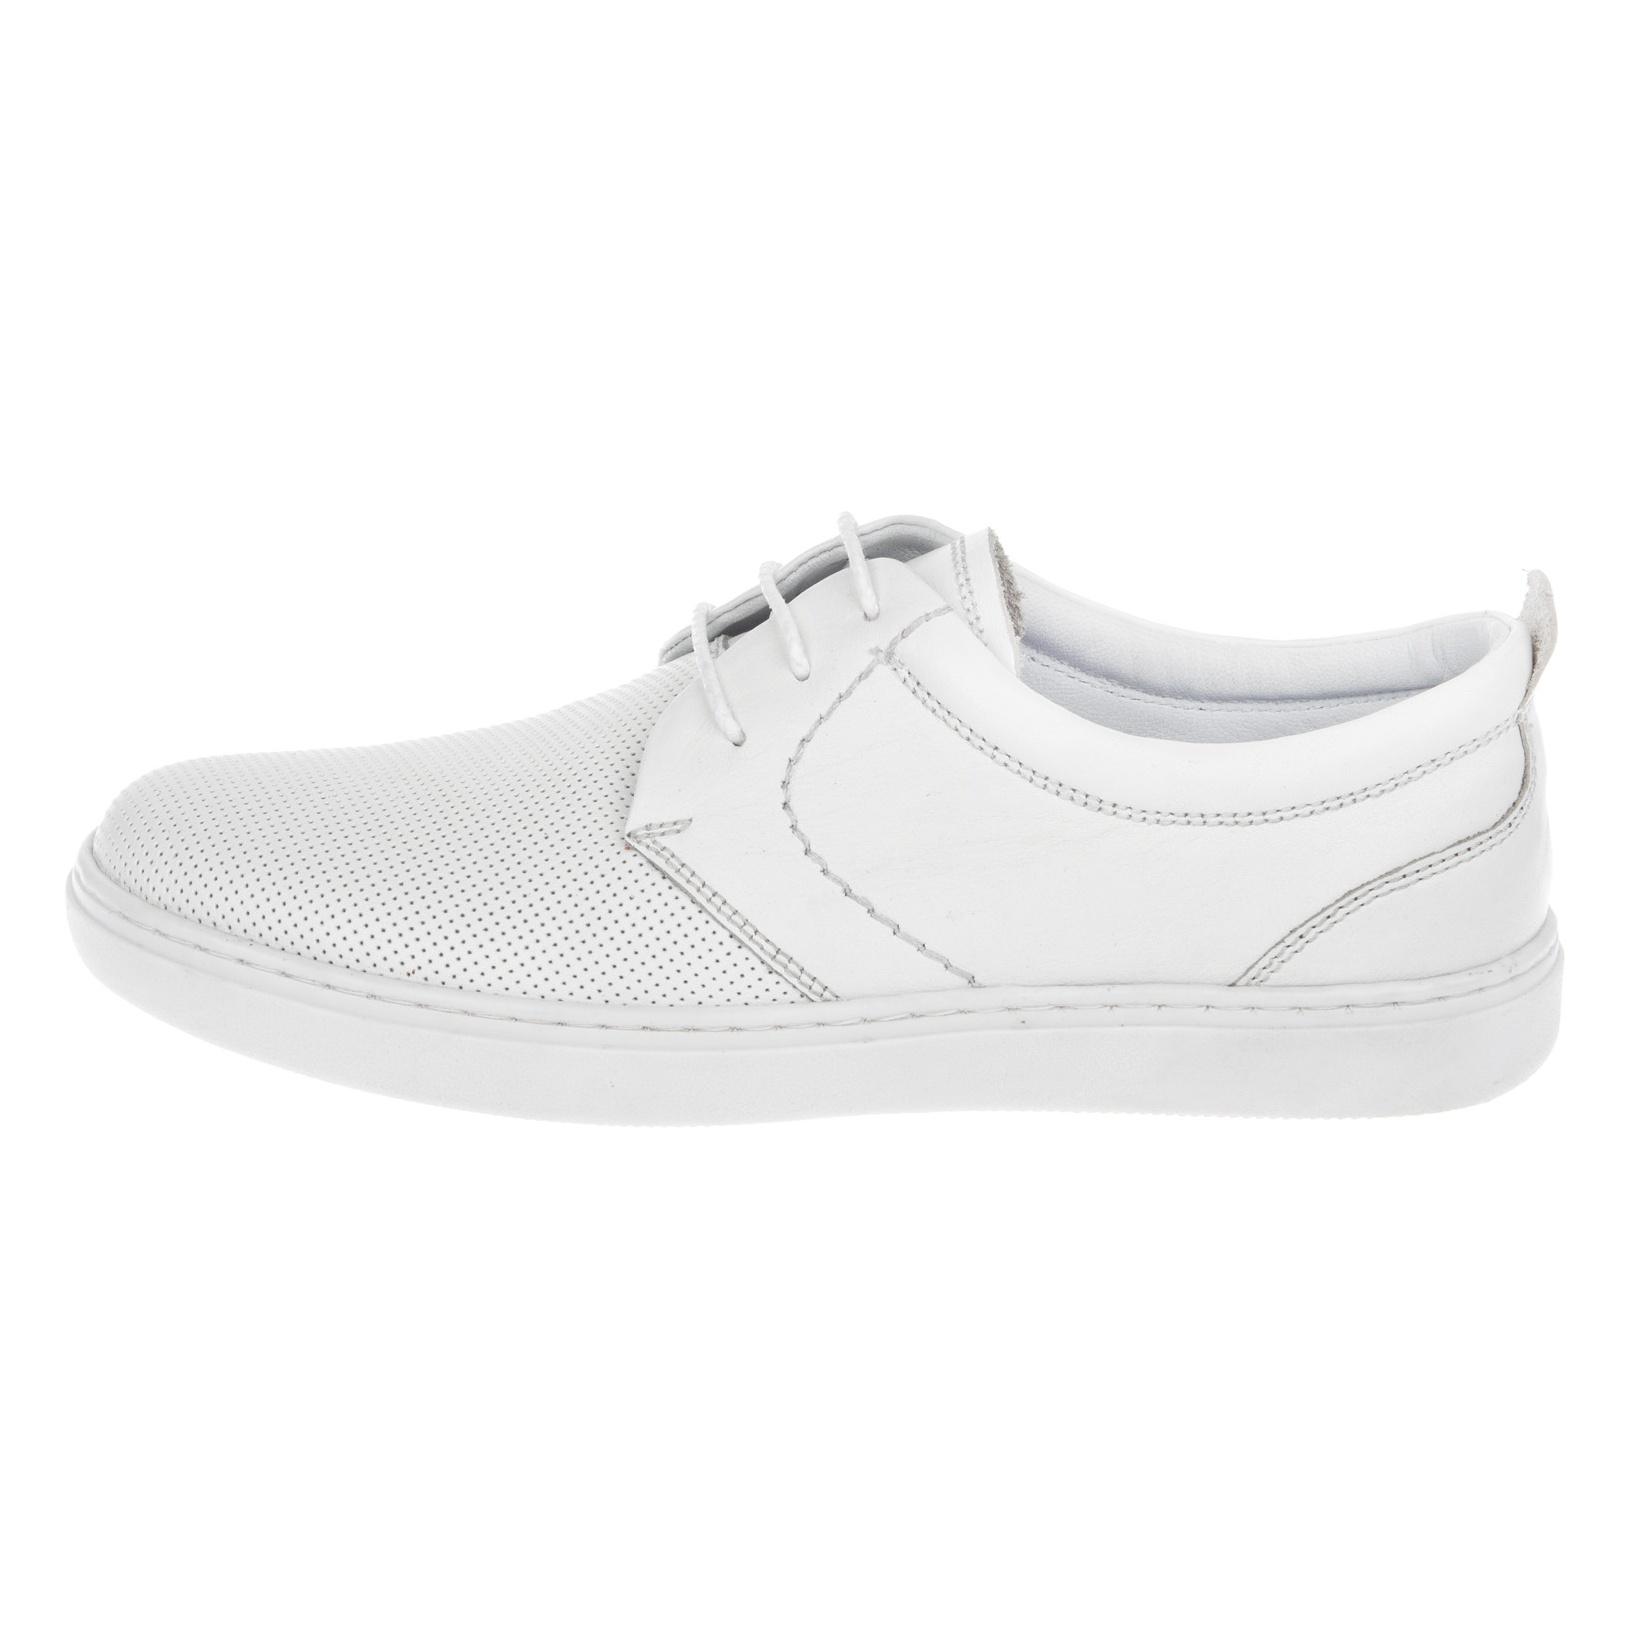 قیمت خرید کفش روزمره مردانه گاندو مدل 716-01 اورجینال